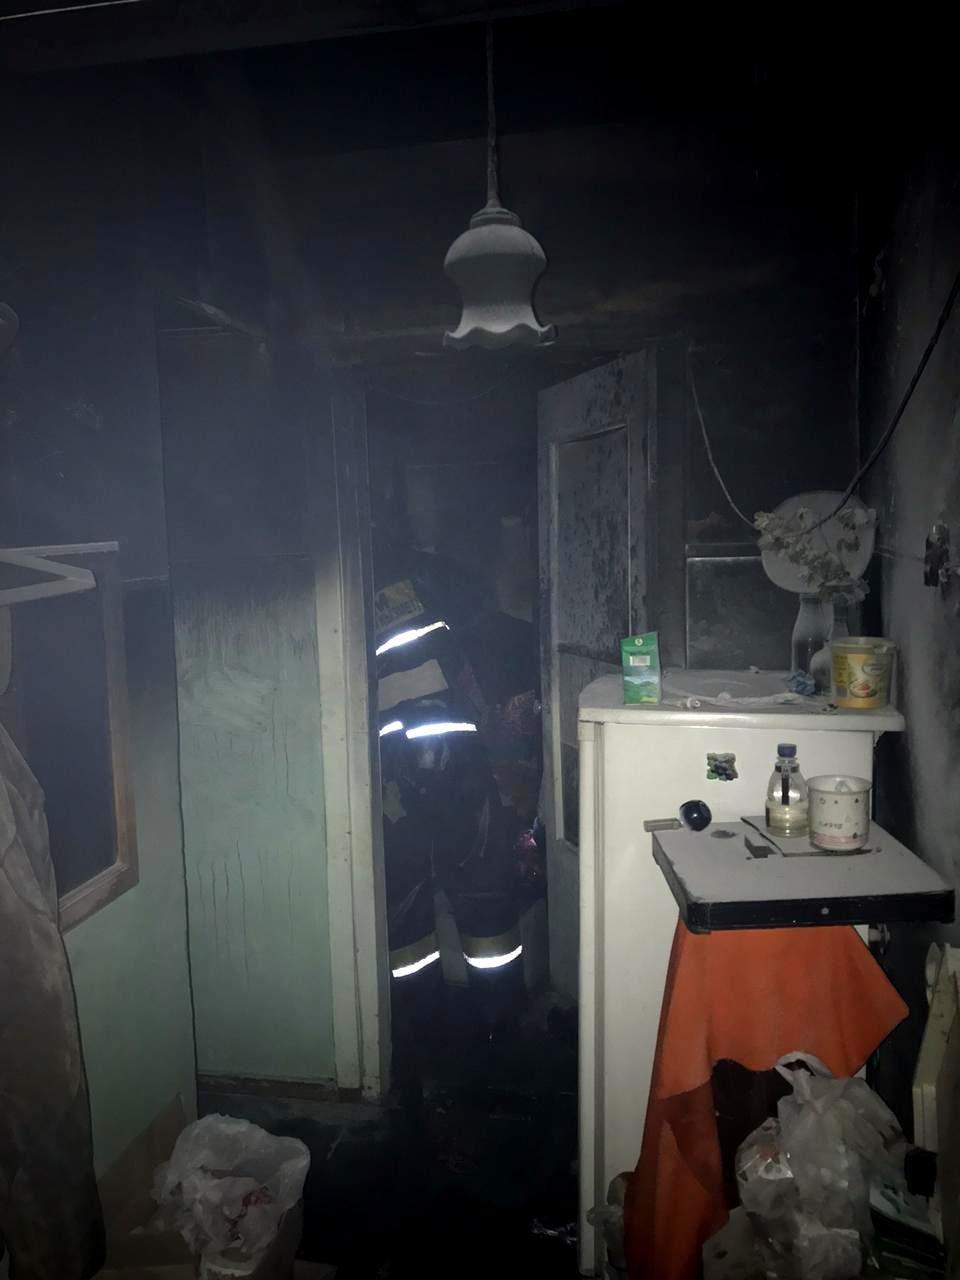 Шесть человек спасли при ночном пожаре в Алматы, фото-2, Фото пресс-служба ДЧС Алматы